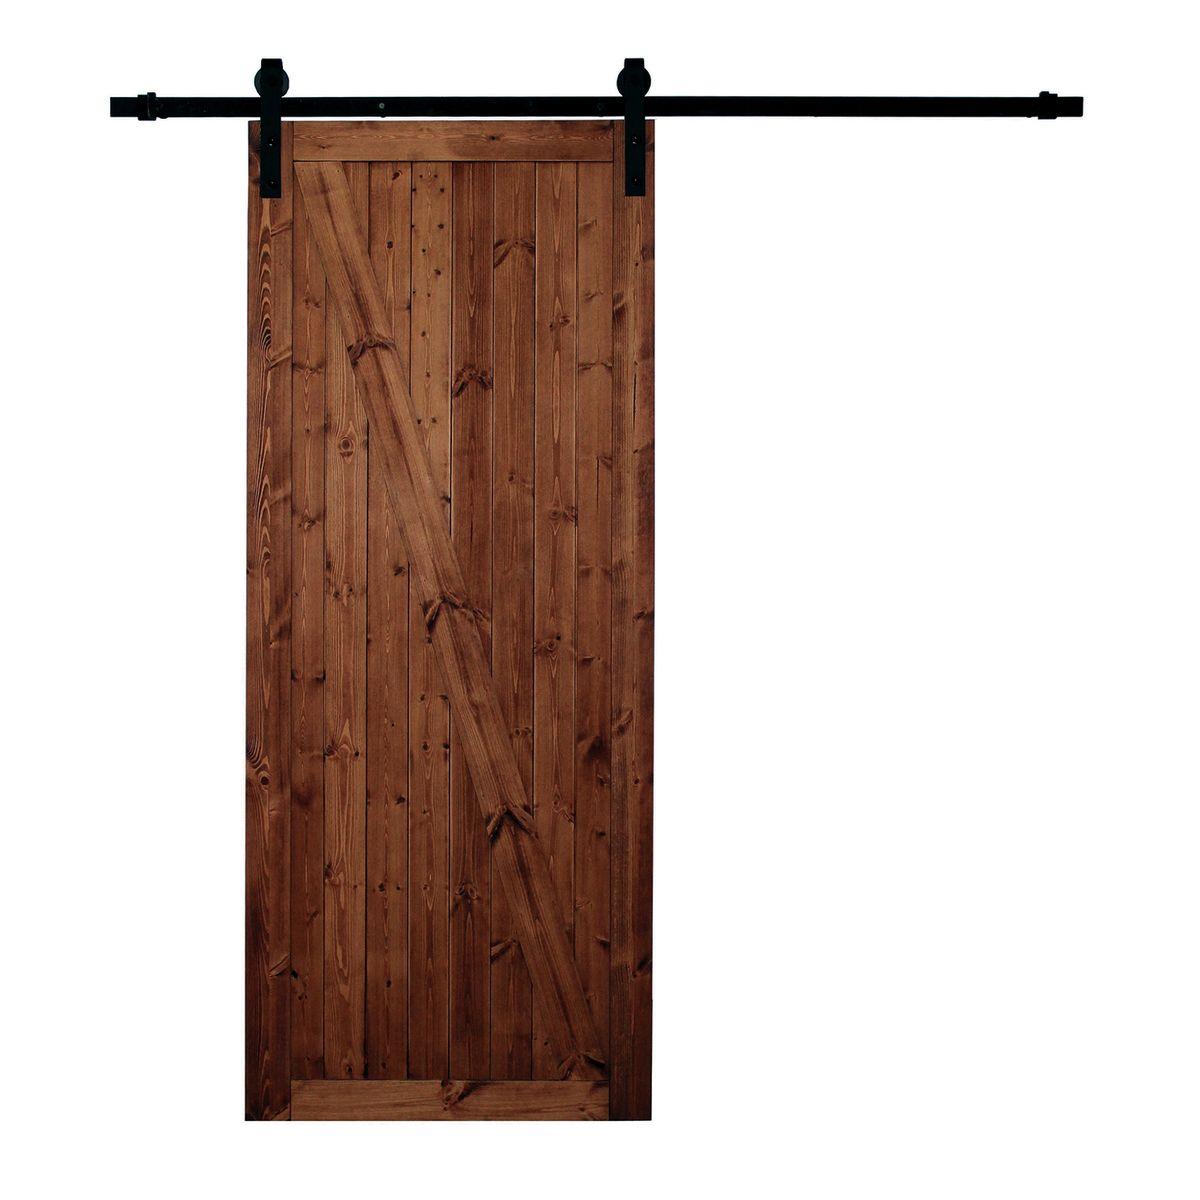 Porte scorrevoli in legno e vetro zp12 regardsdefemmes - Porte scorrevoli da esterno ...